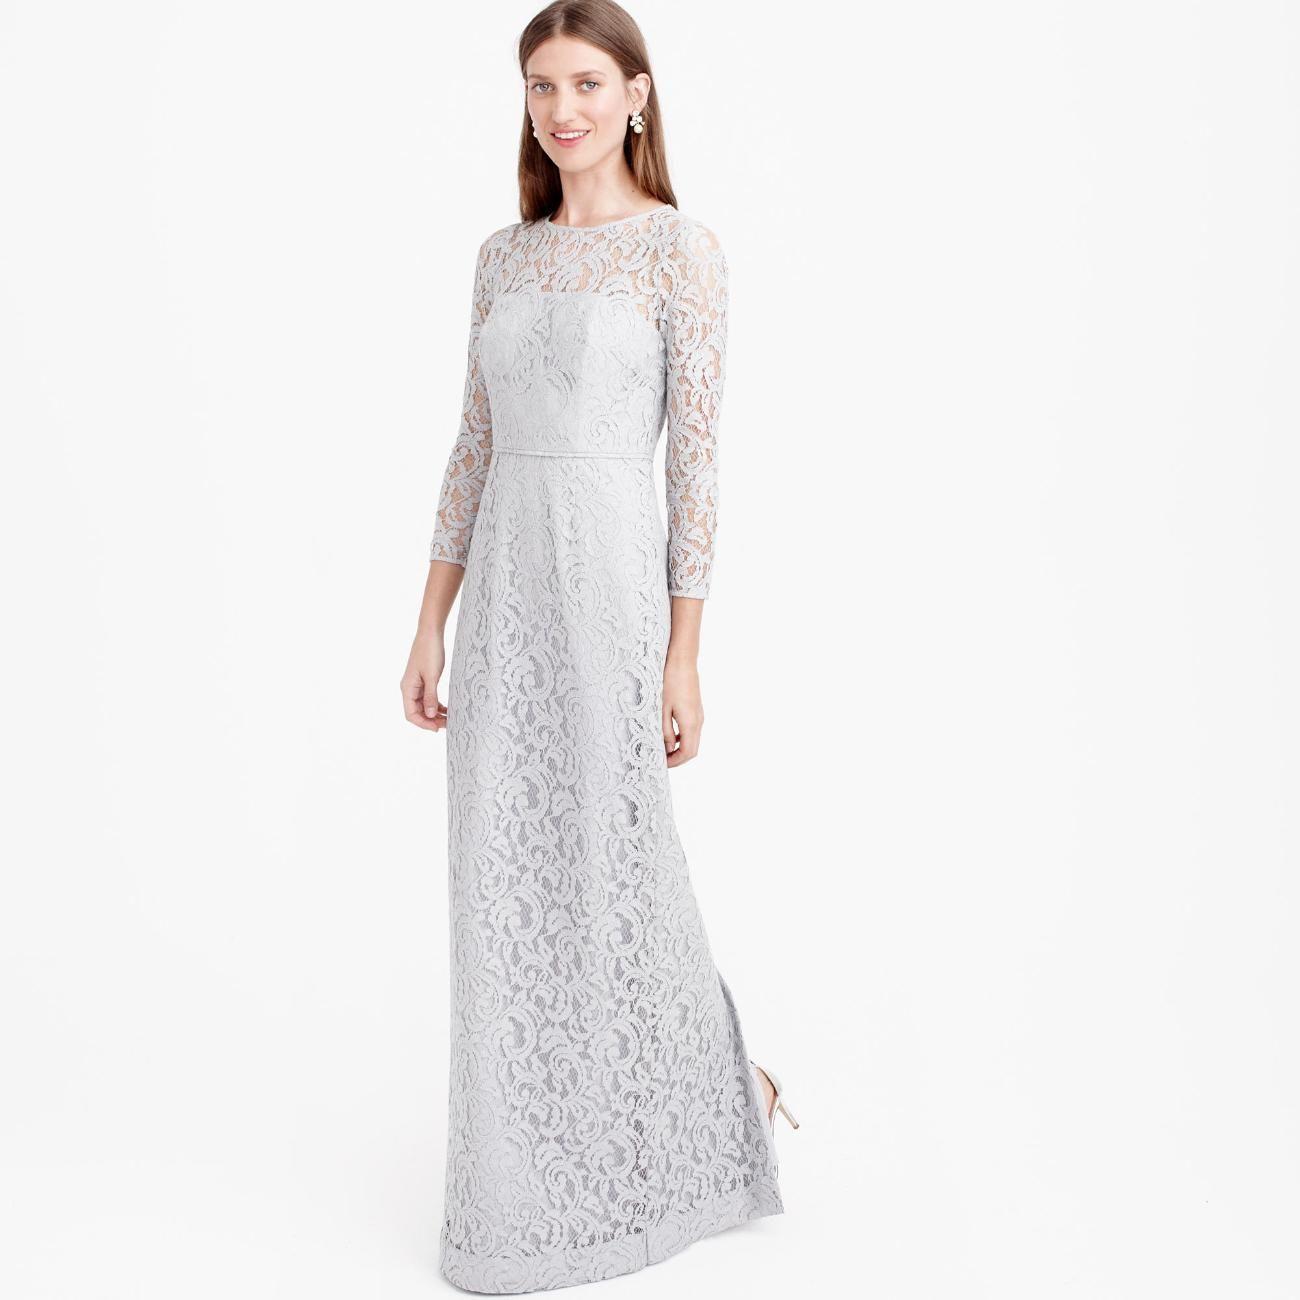 Fashion bride dresses stylish and lifestyle